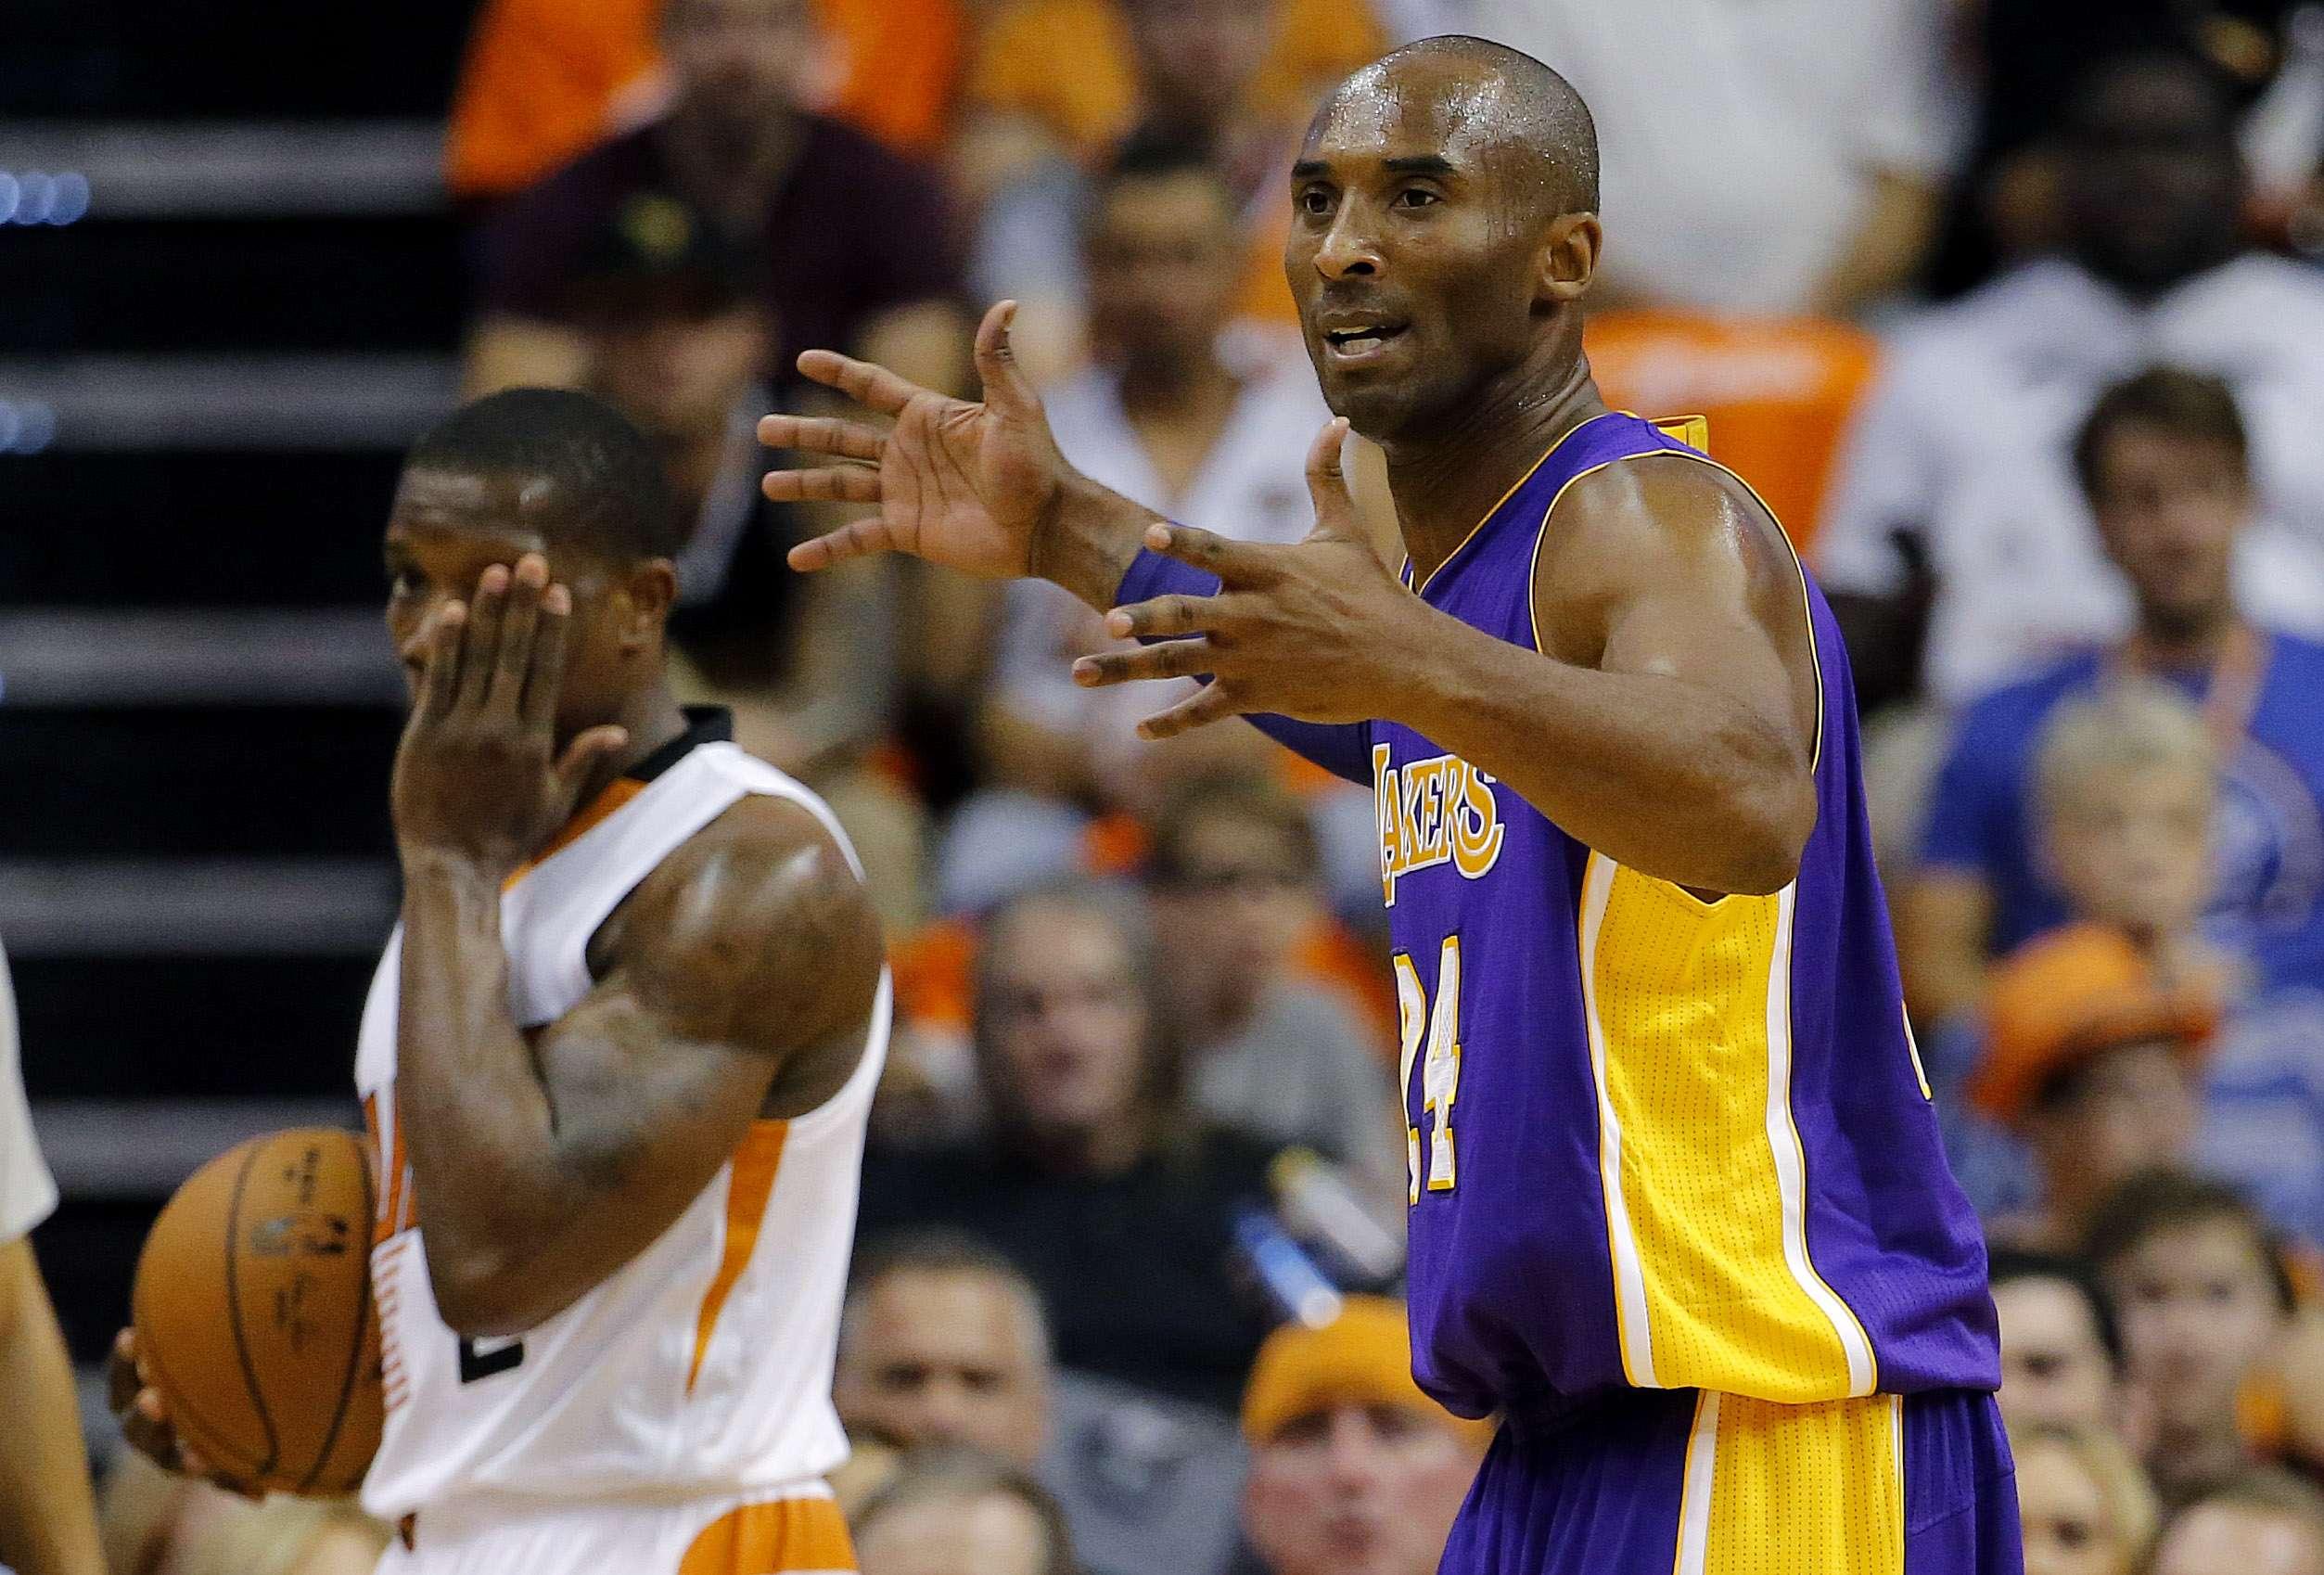 Kobe se desesperó por la poca ayuda de sus compañeros. Foto: AP